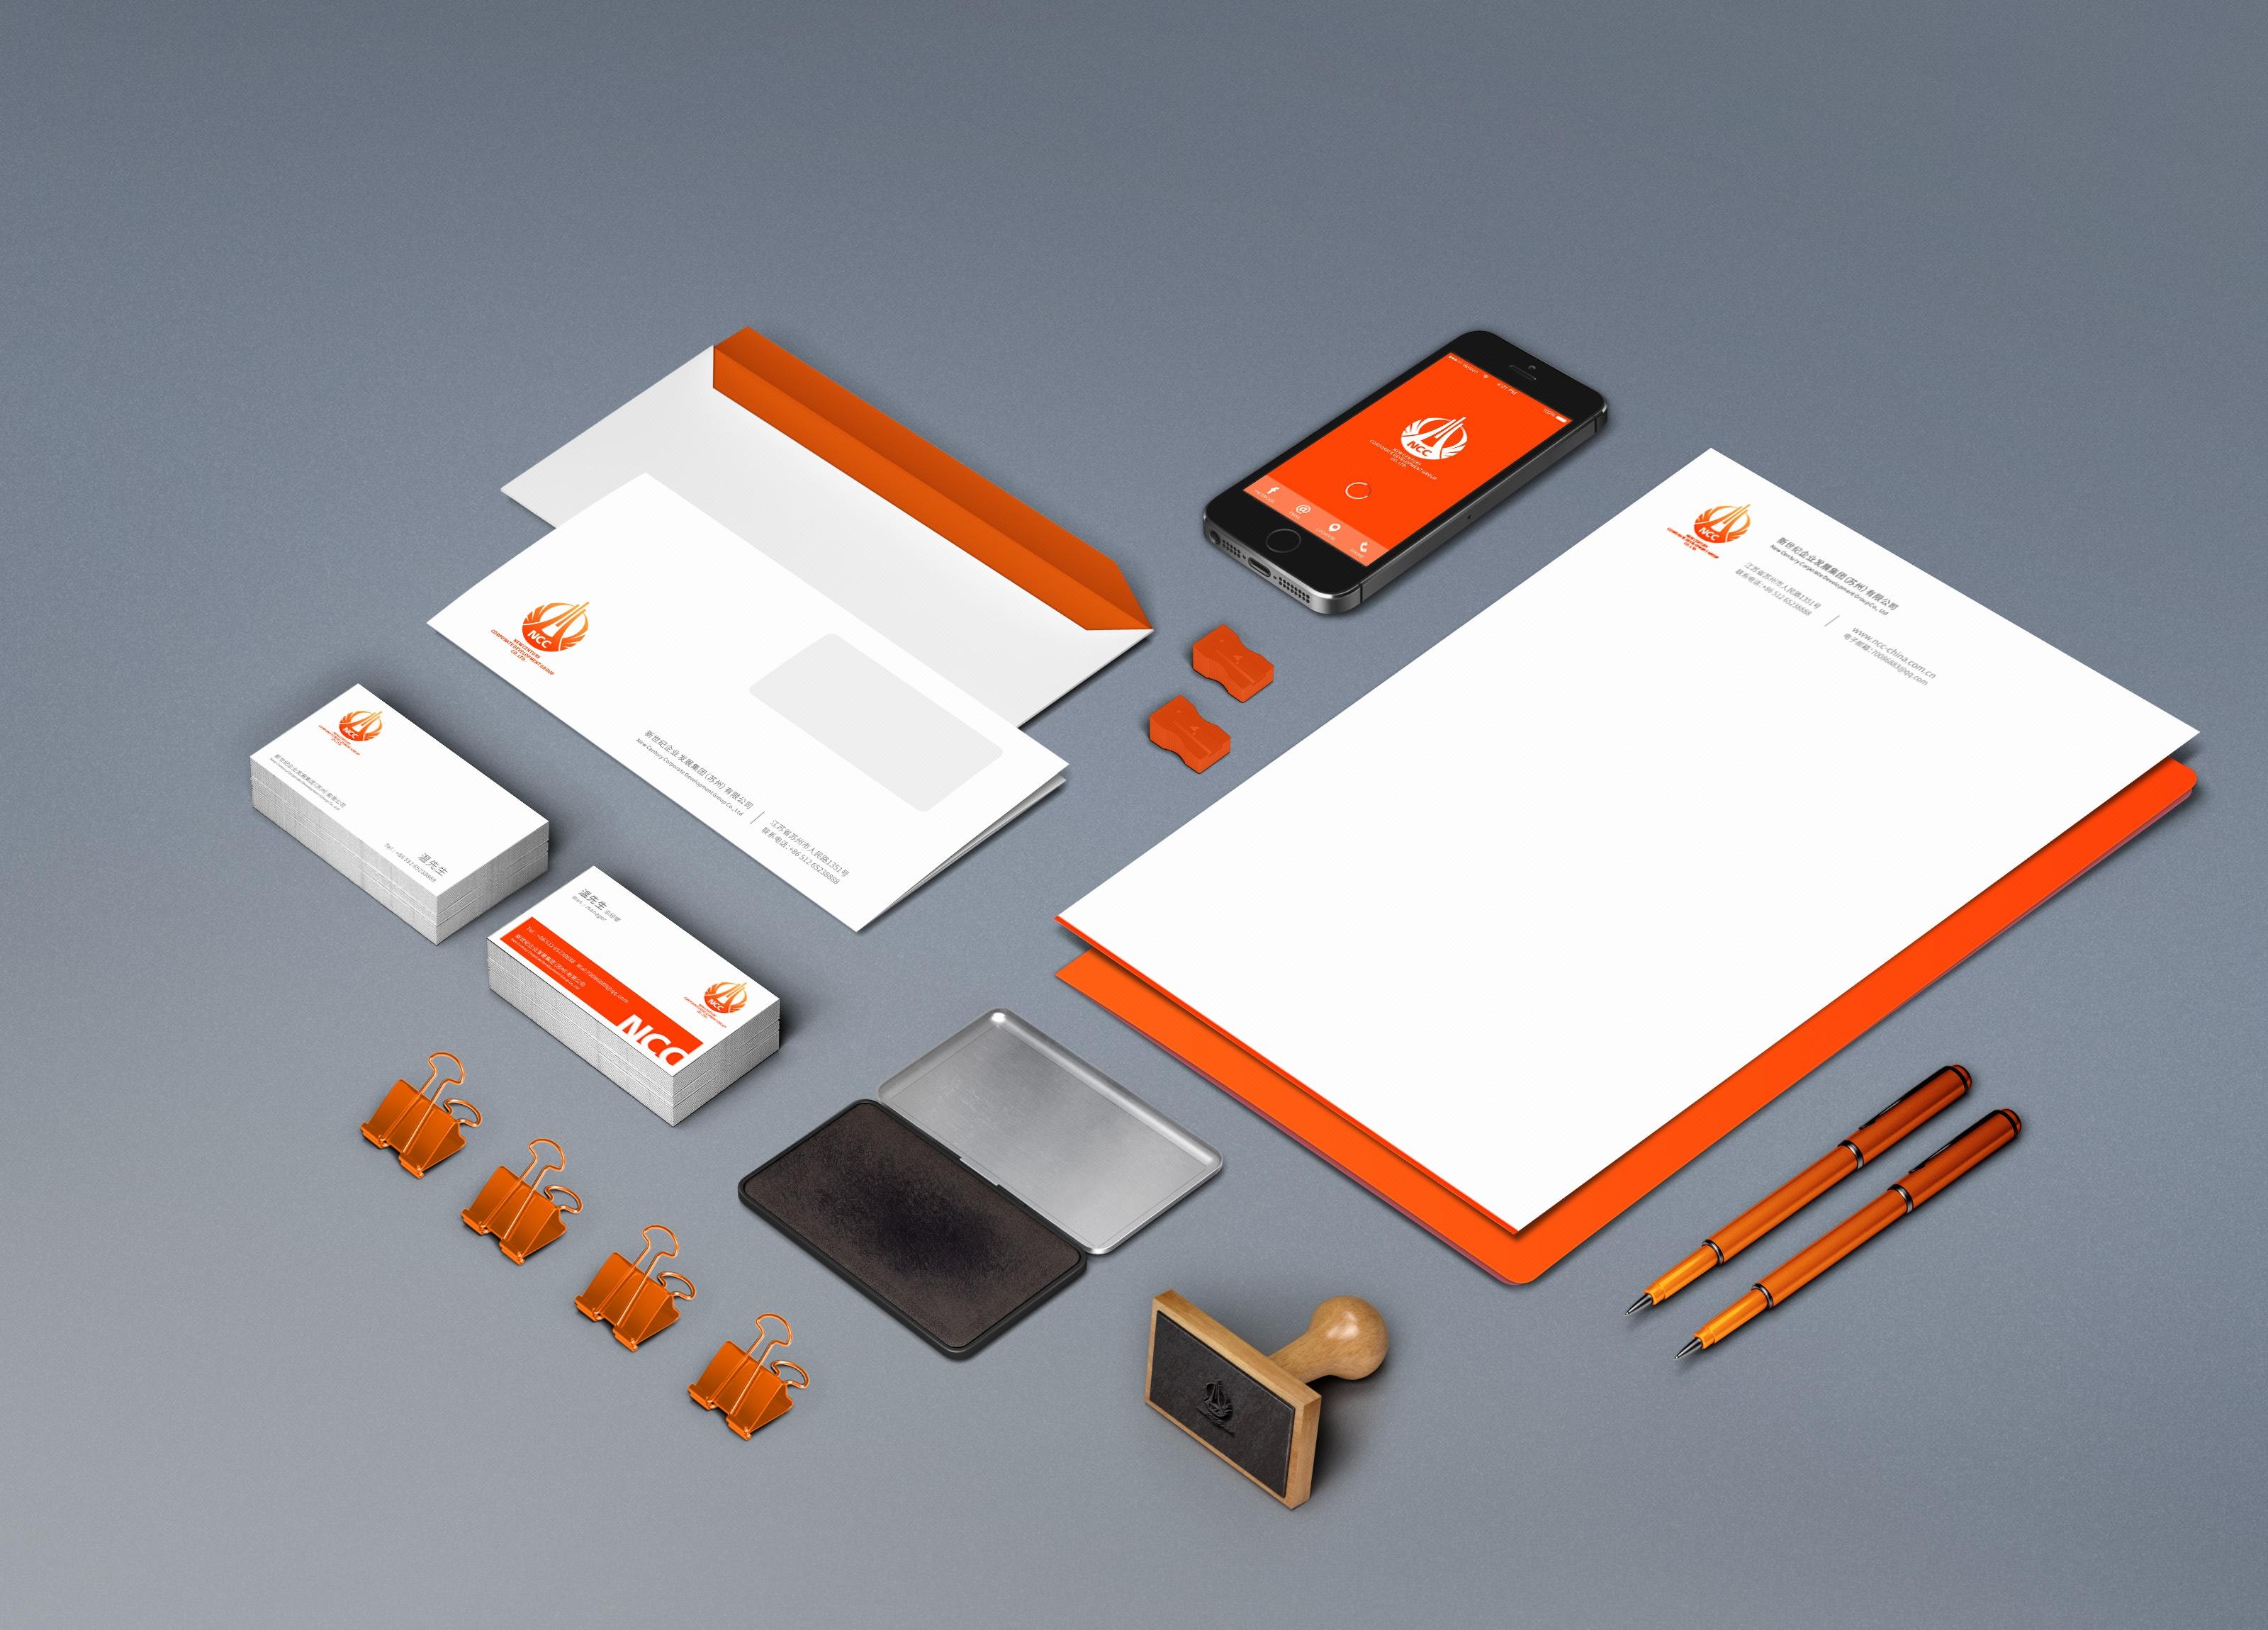 初创版企业vi设计餐饮互联网教育酒店办公全套VIS设计形象